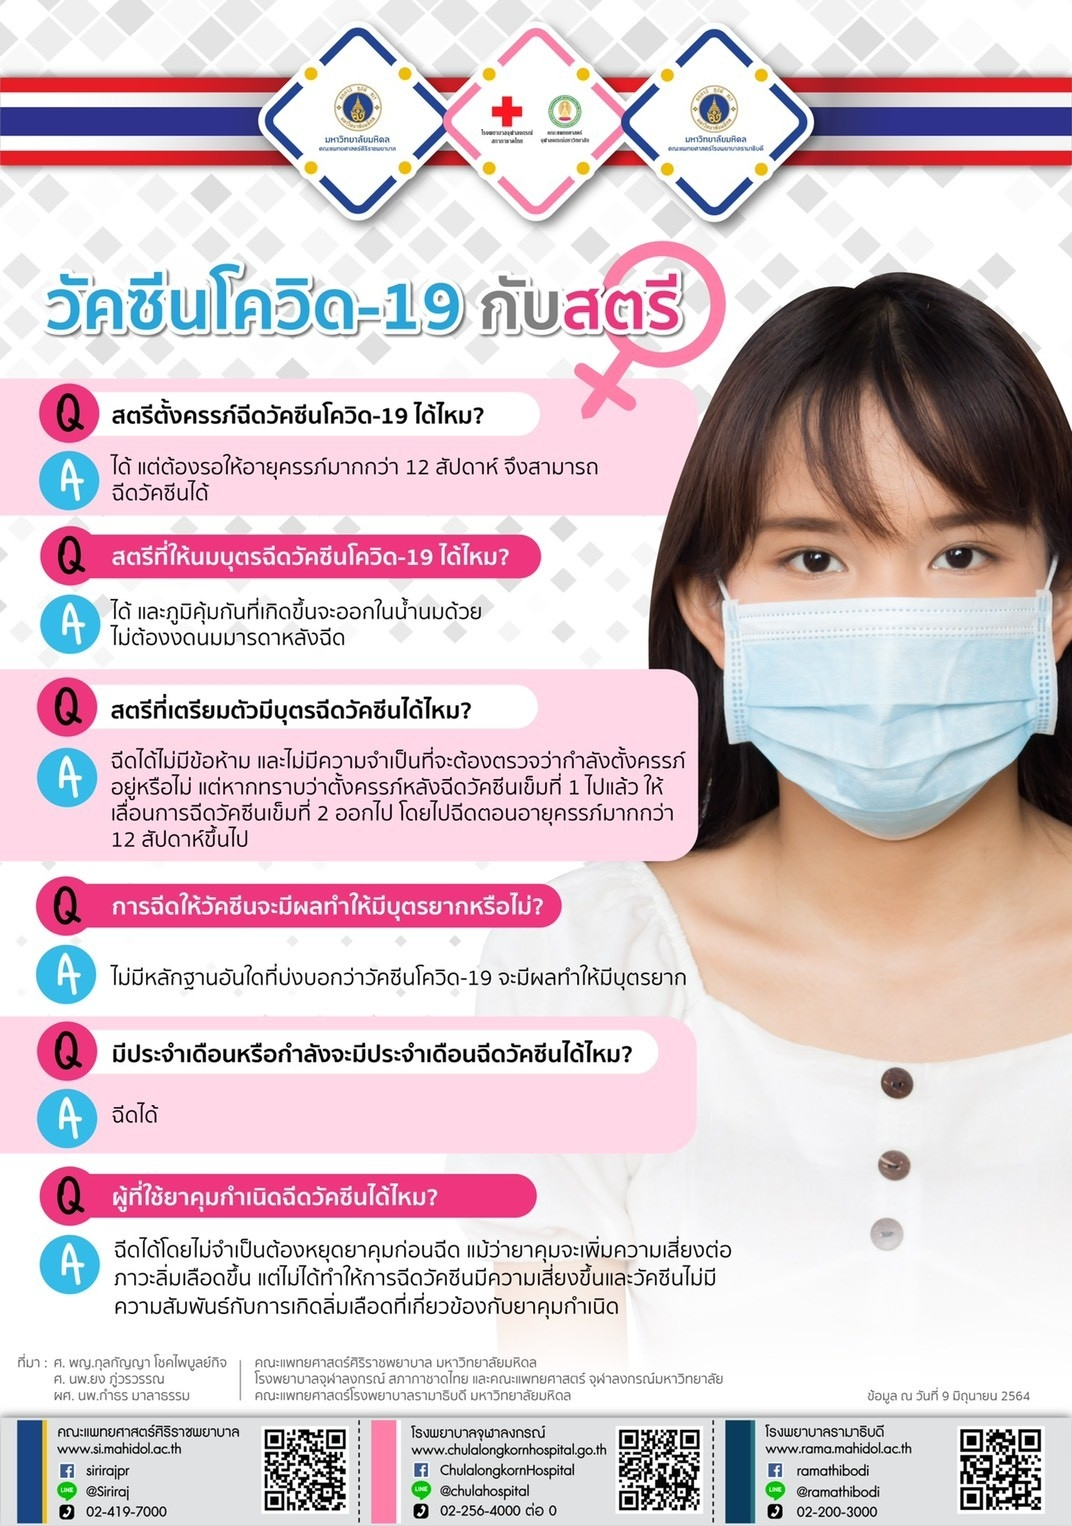 วัคซีนโควิด-19 กับสตรี